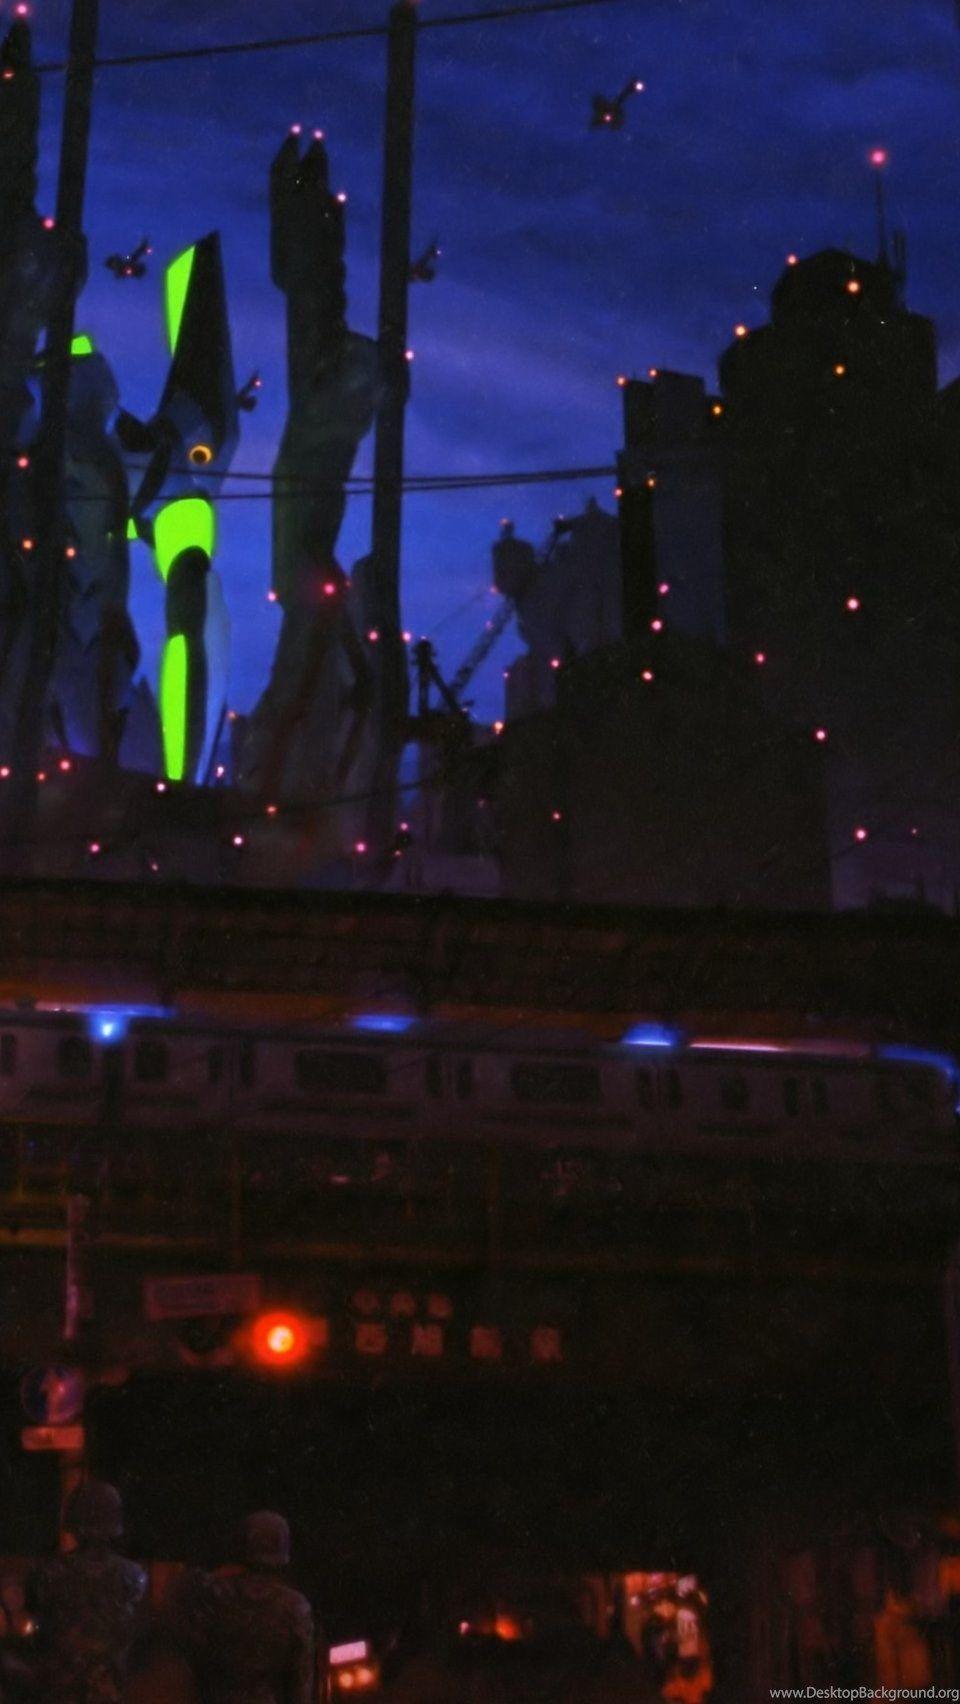 Neon Genesis Evangelion Iphone Wallpapers Top Free Neon Genesis Evangelion Iphone Backgrounds Wallpaperaccess